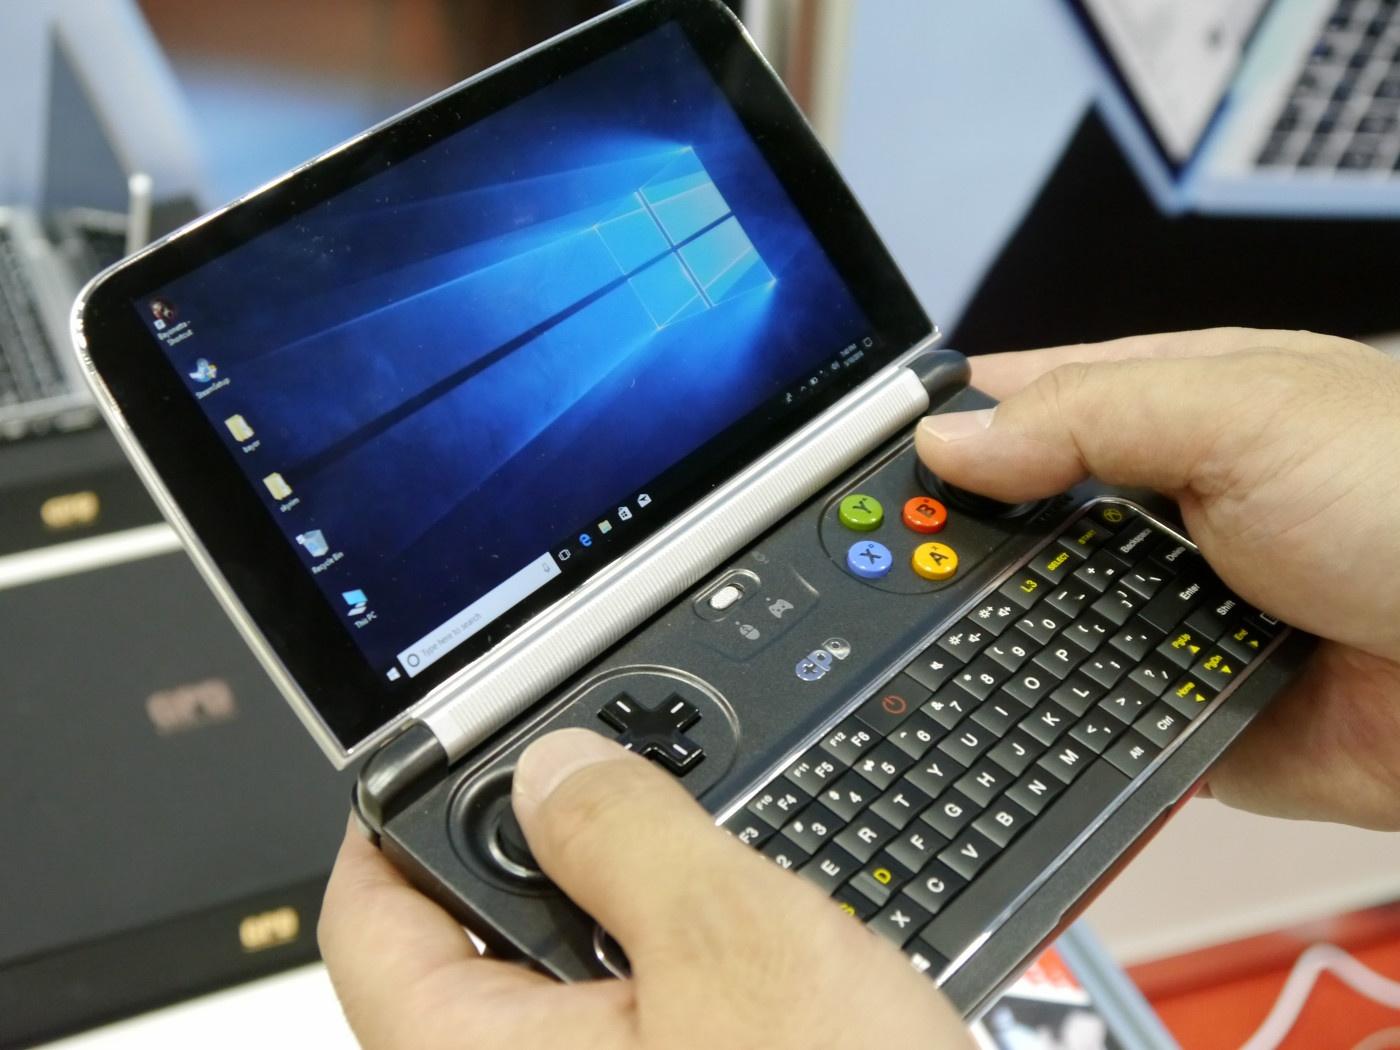 Утечка: компактный игровой лэптоп GPD Win Max получит графику Intel Iris Plus